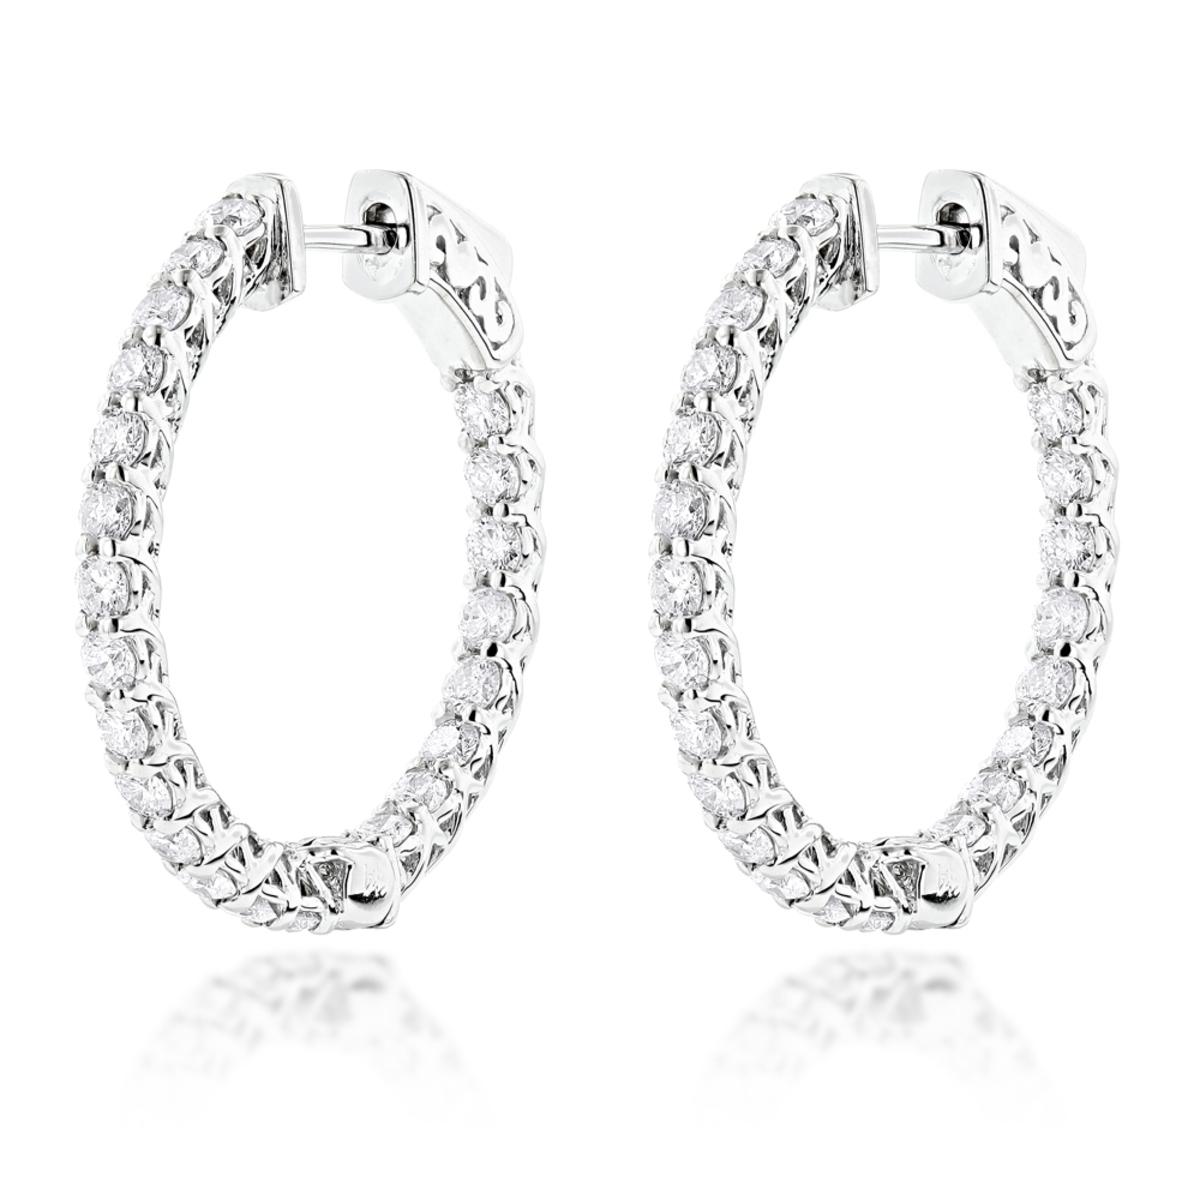 Diamond Hoops 14K Diamond Hoop Earrings Inside Out 1.87